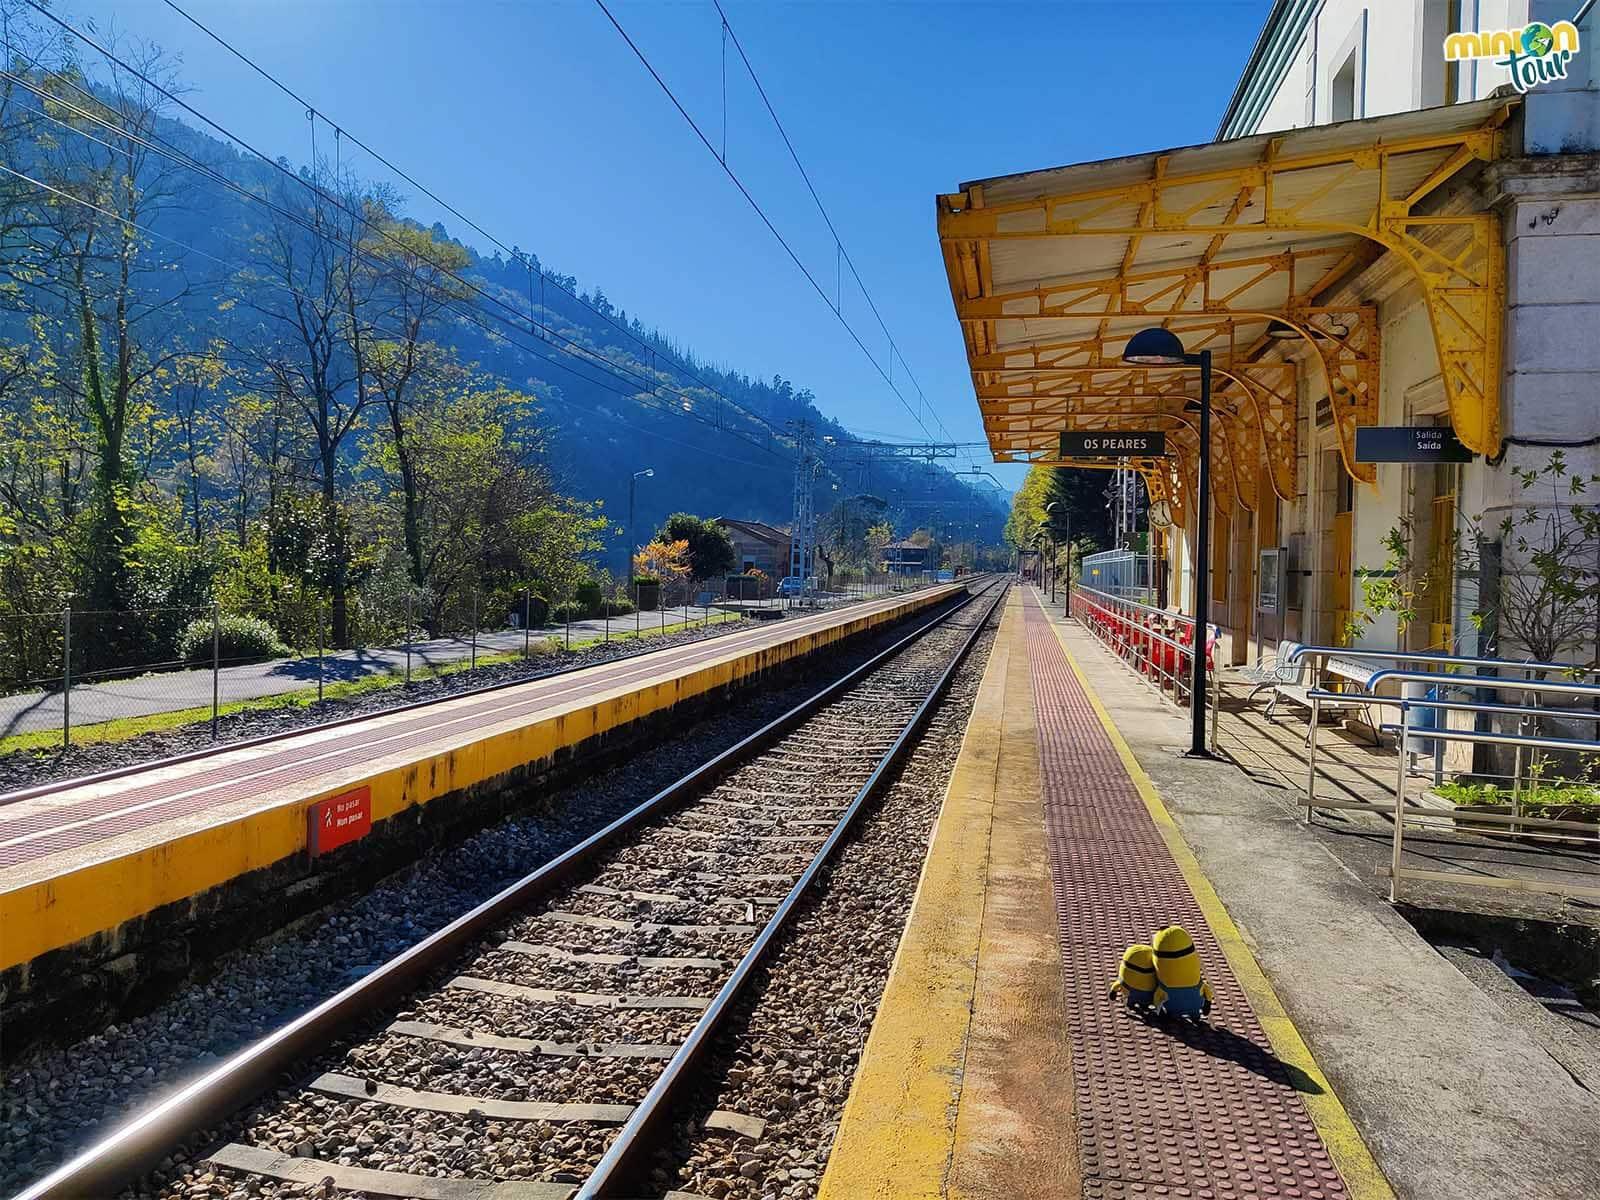 Esperando el tren en la estación de Os Peares